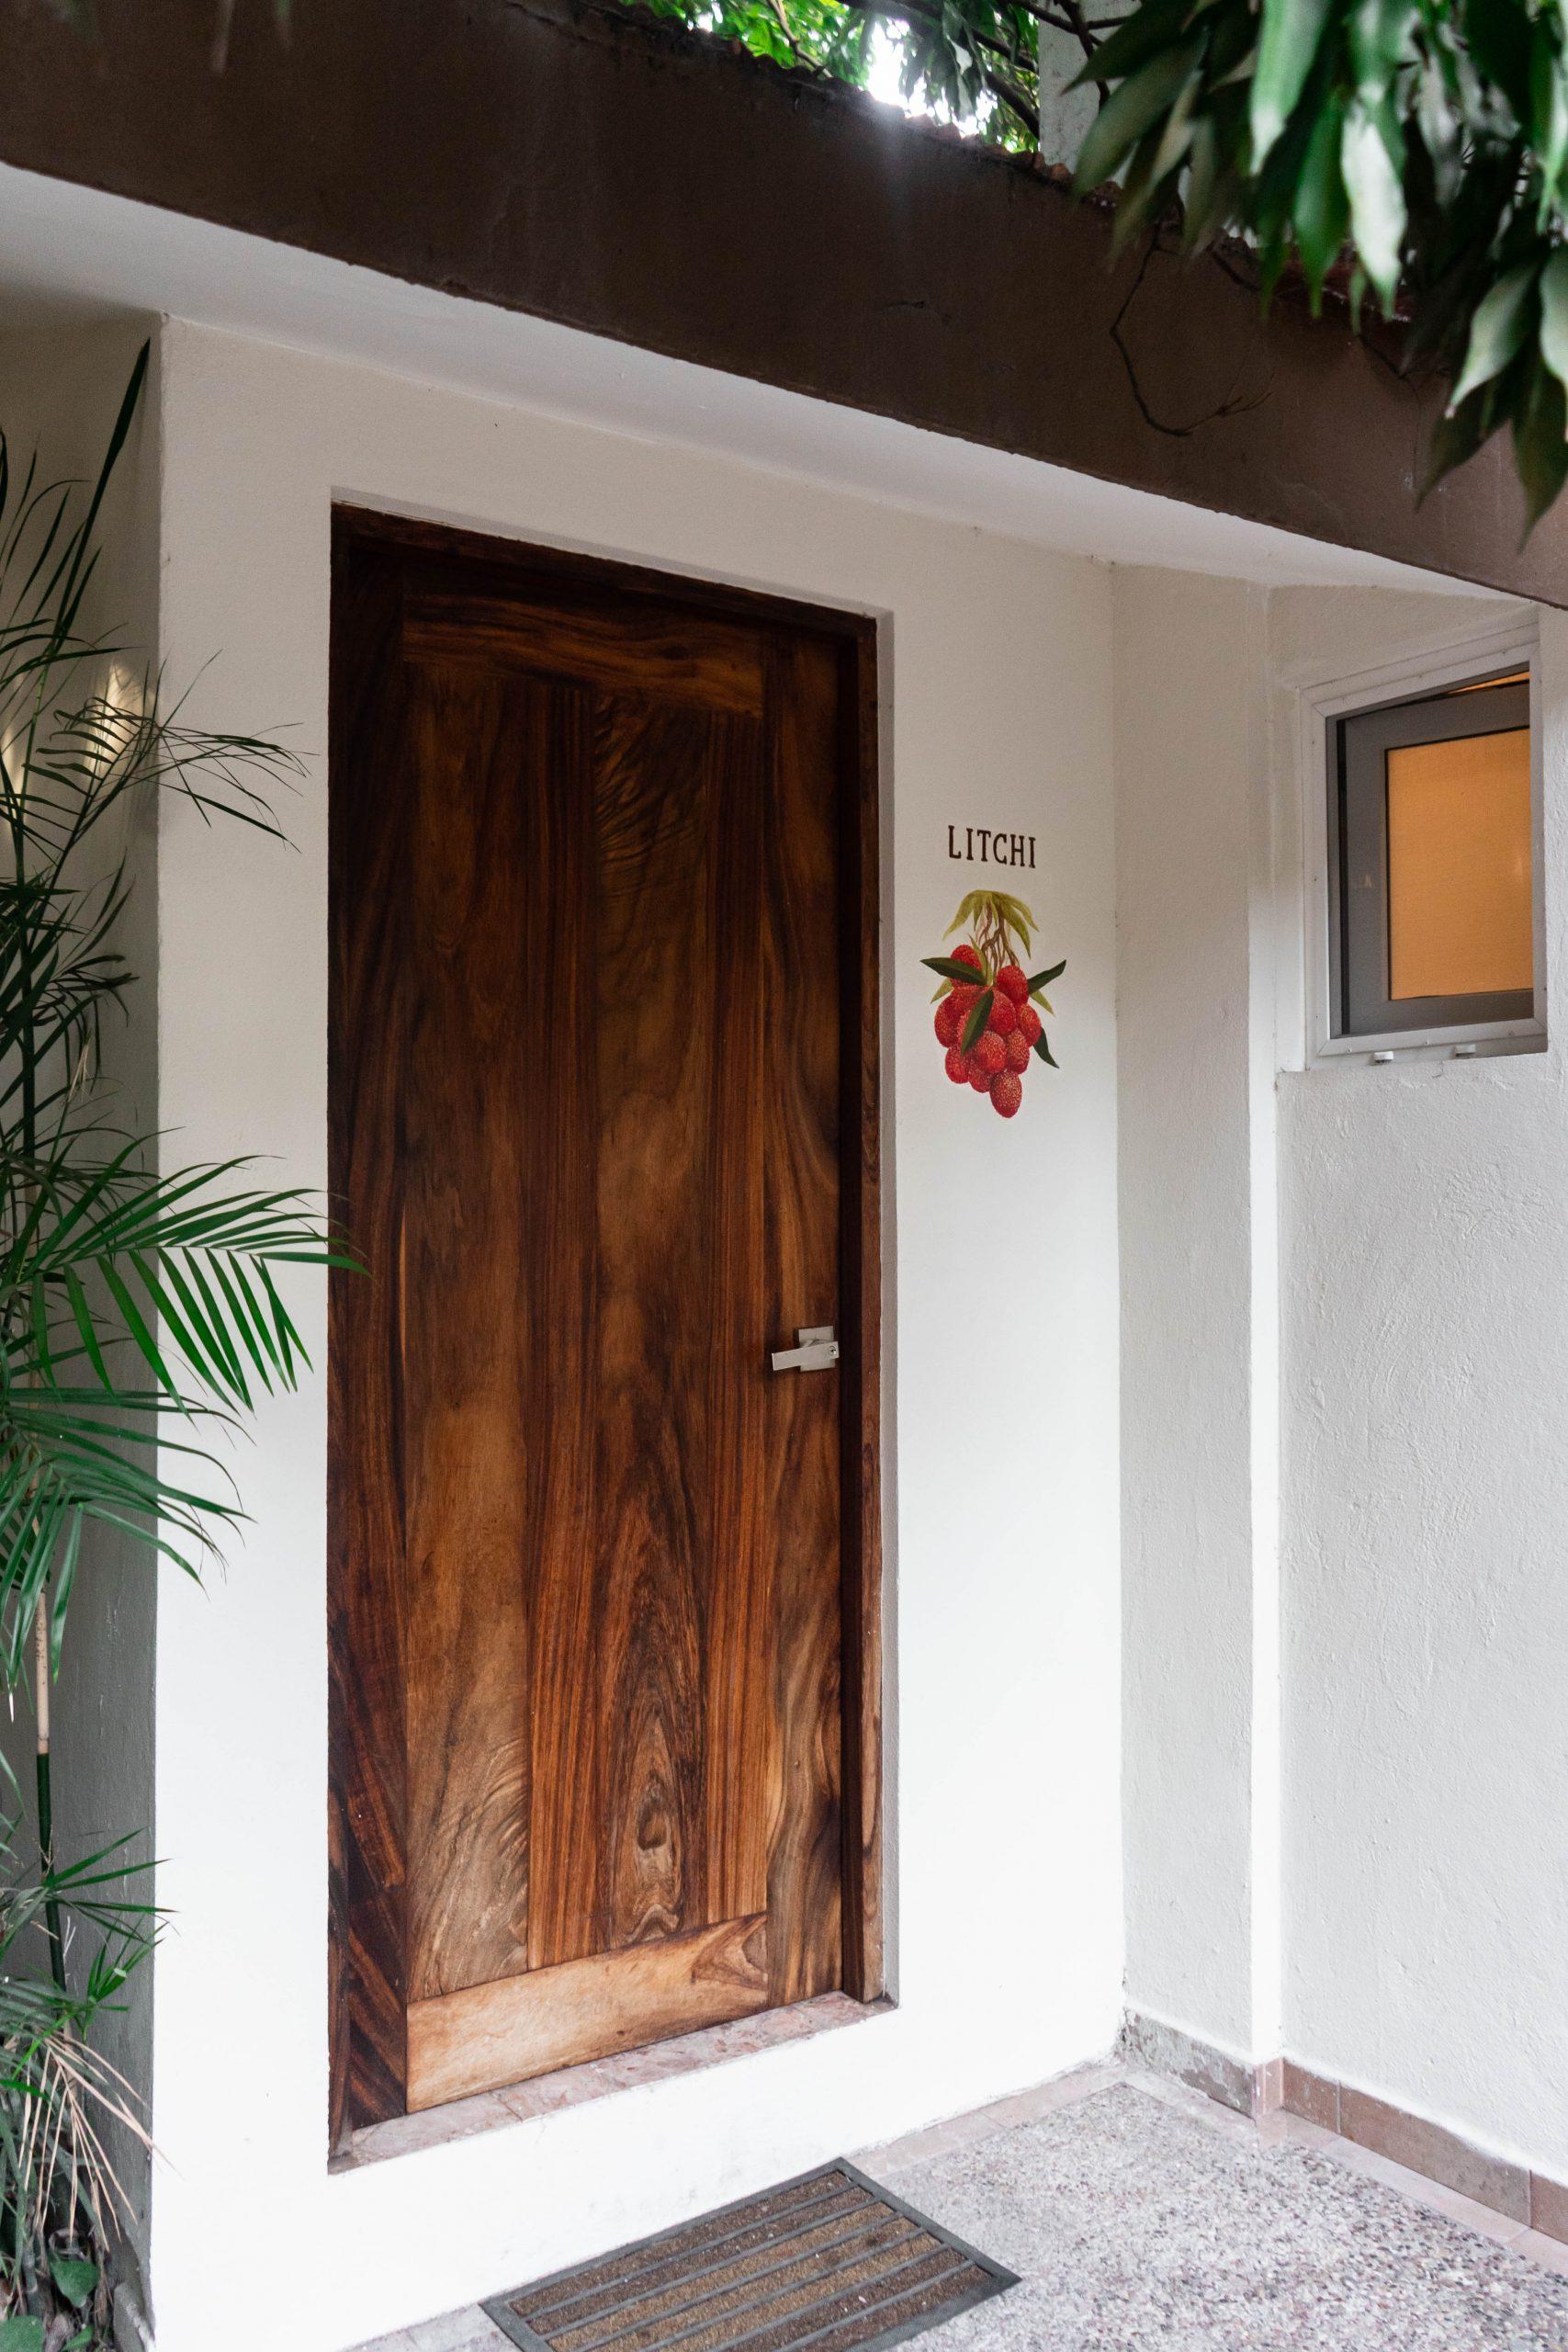 litchi room hotel casa ortiz ciudad valles la huasteca potosina san luis potosi mexico lychee fruit mural big wooden door